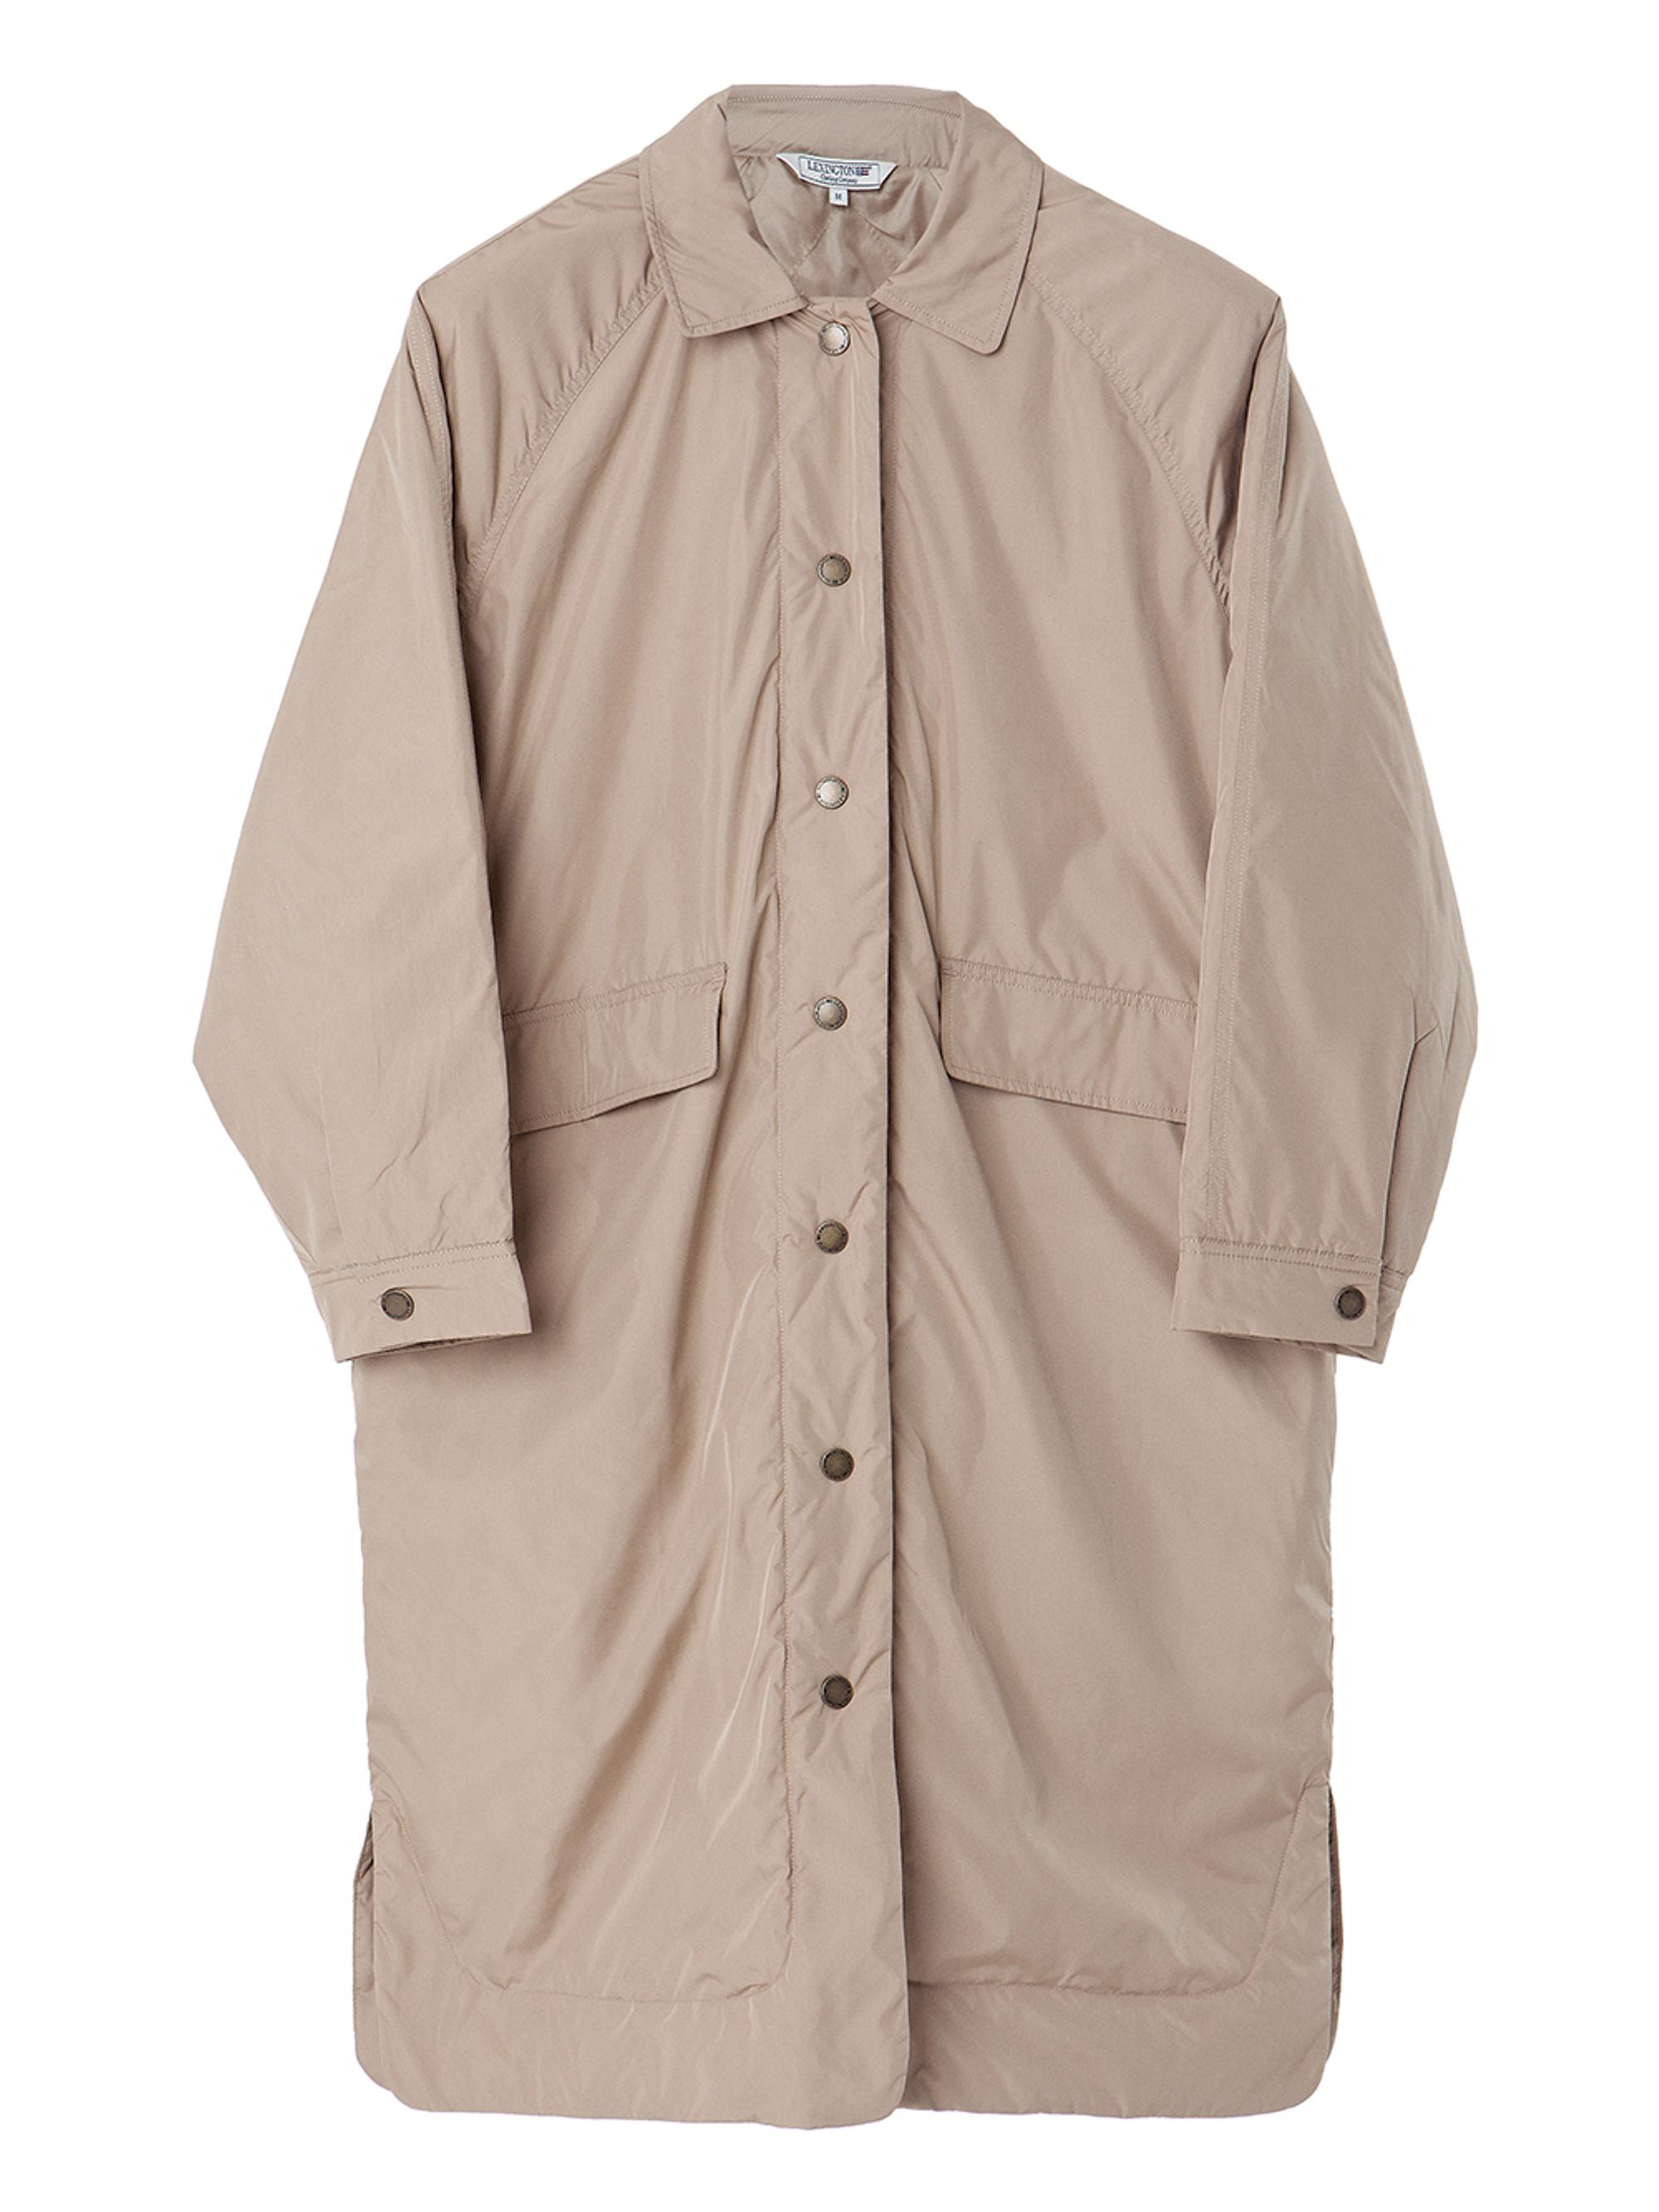 Rowan Car Coat, Camel